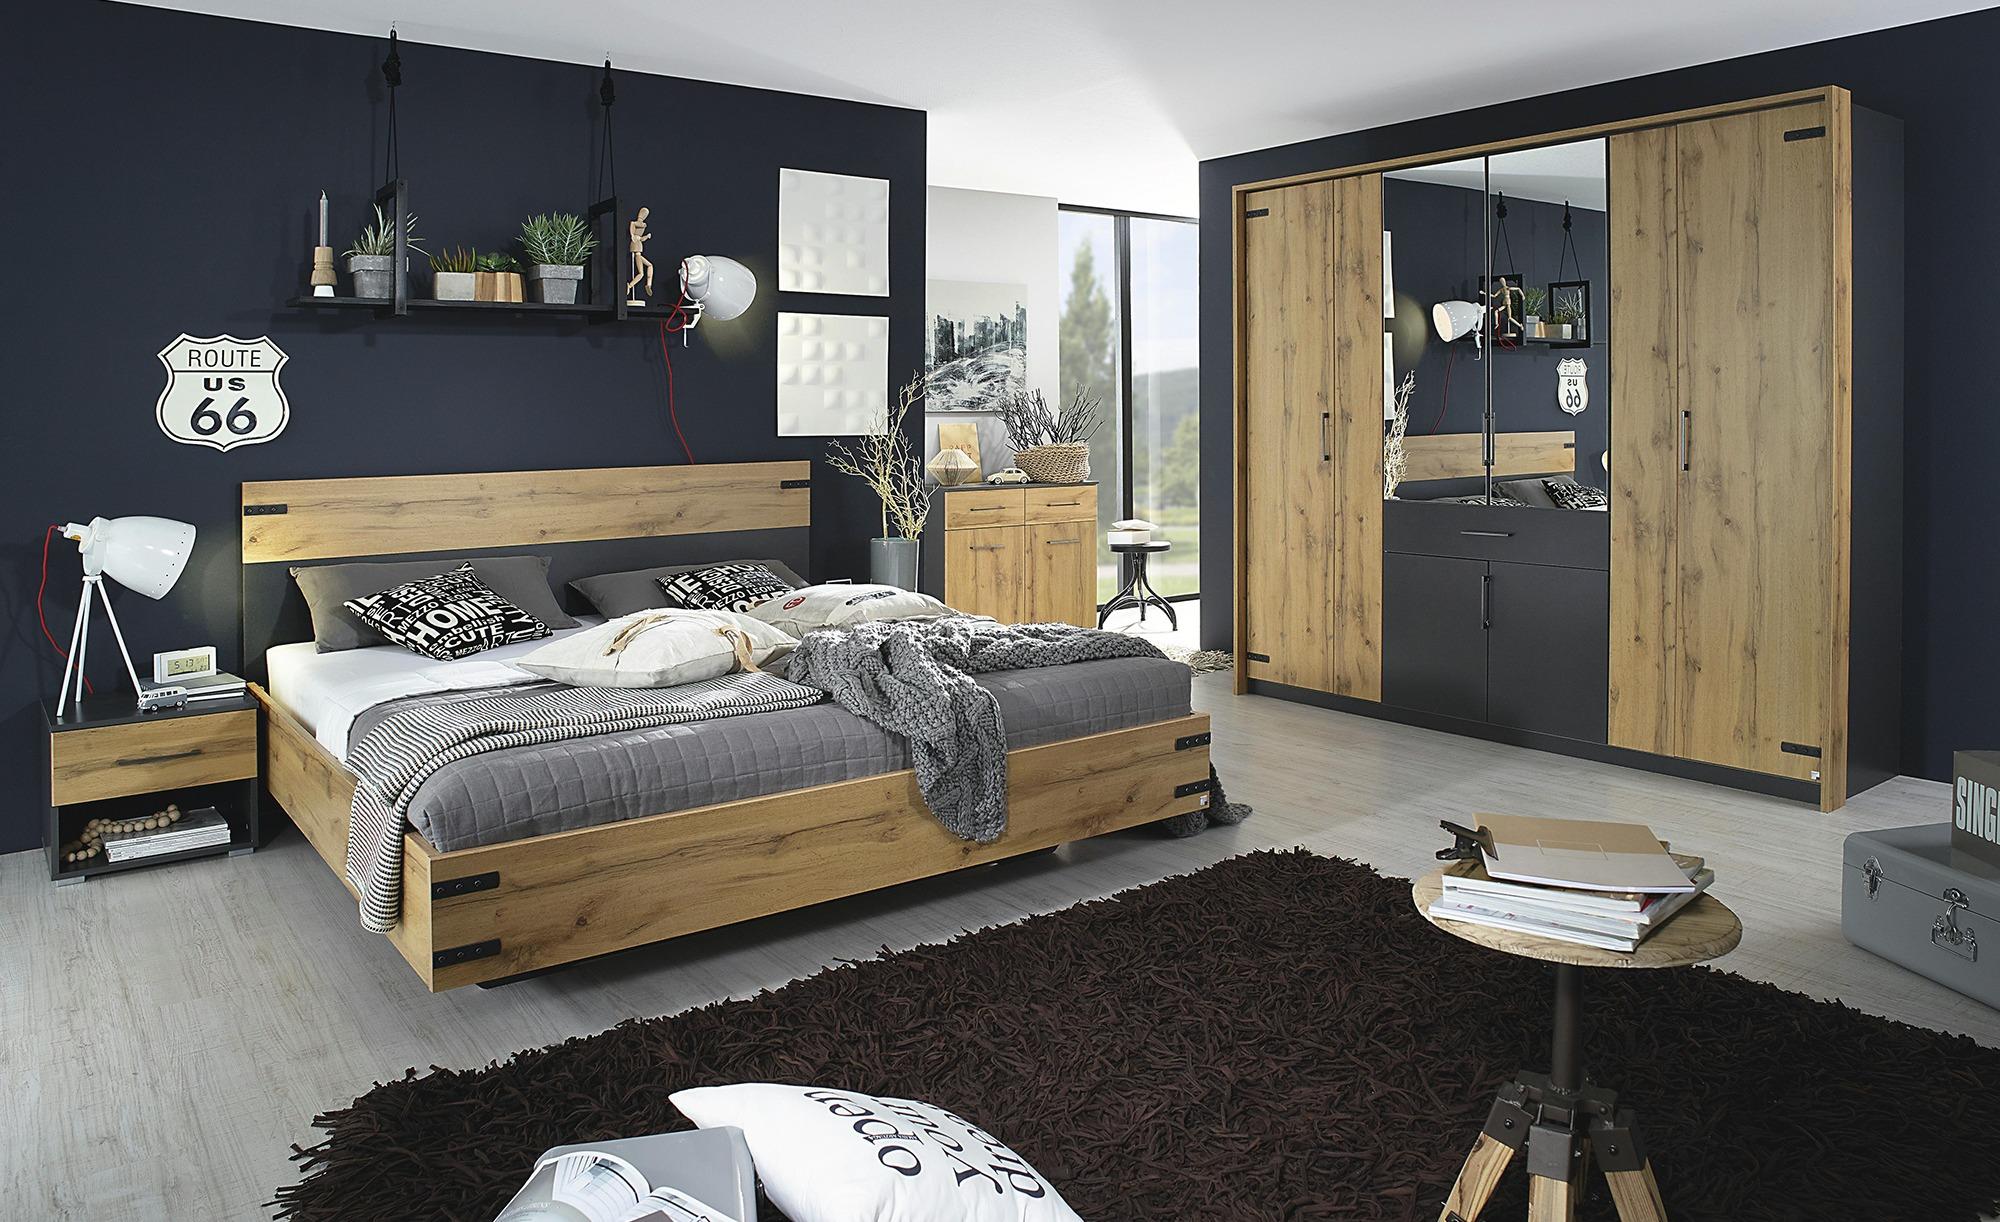 Komplett Schlafzimmer, 21 teilig Nevada, gefunden bei Sconto